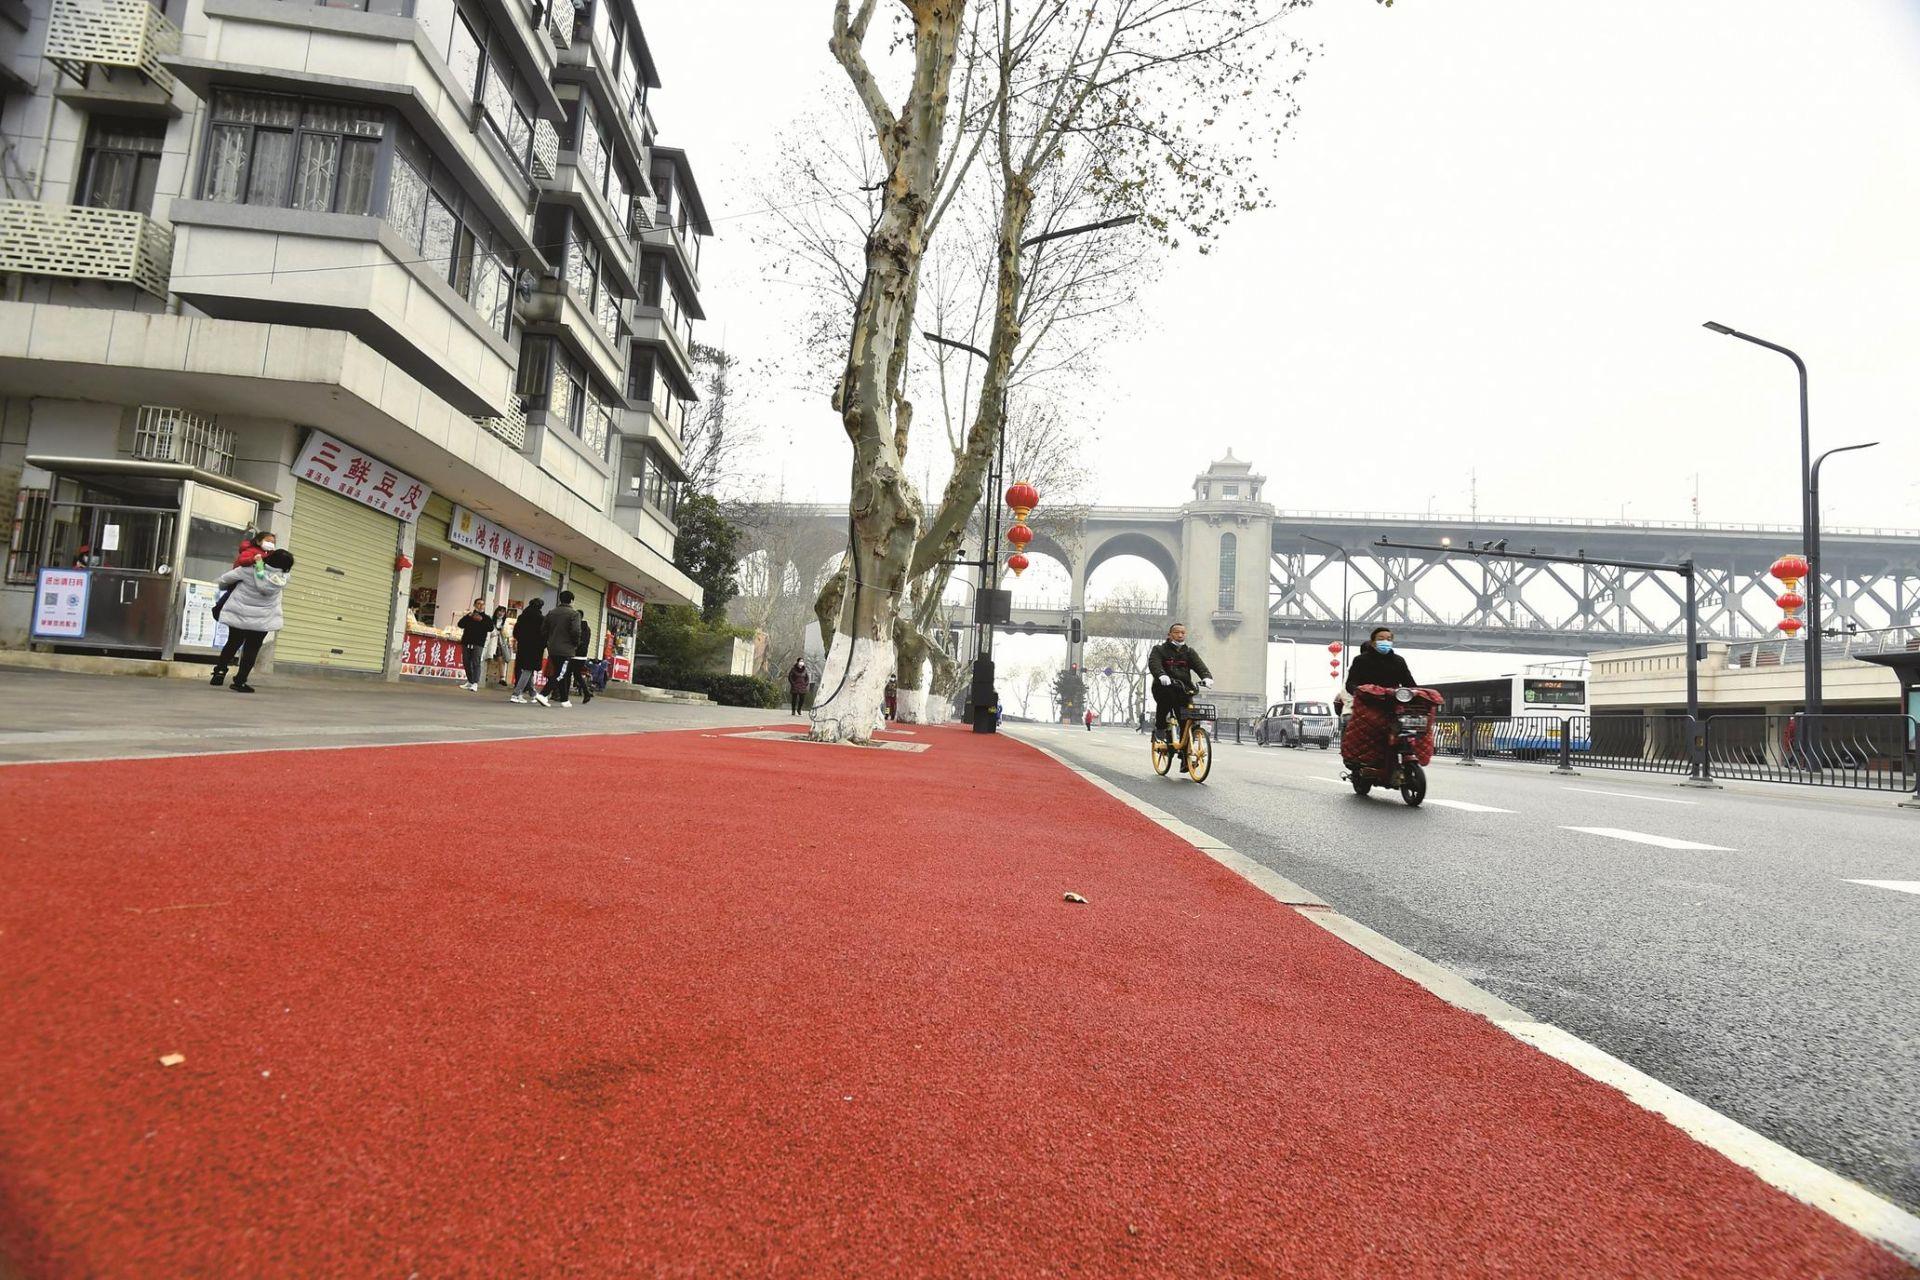 武汉江边红地毯 请您来走走